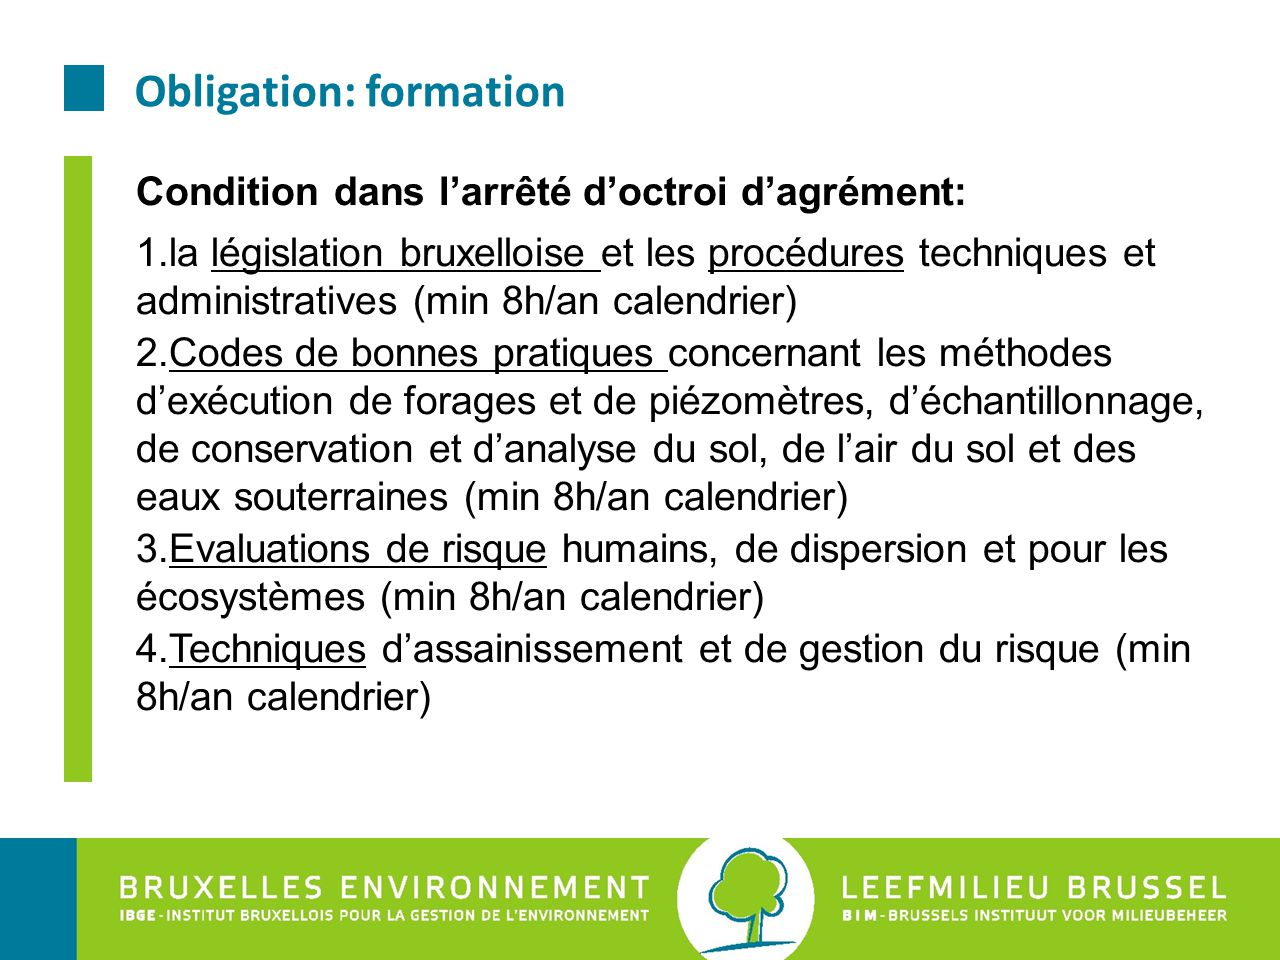 Obligation: formation Condition dans l'arrêté d'octroi d'agrément: 1.la législation bruxelloise et les procédures techniques et administratives (min 8h/an calendrier) 2.Codes de bonnes pratiques concernant les méthodes d'exécution de forages et de piézomètres, d'échantillonnage, de conservation et d'analyse du sol, de l'air du sol et des eaux souterraines (min 8h/an calendrier) 3.Evaluations de risque humains, de dispersion et pour les écosystèmes (min 8h/an calendrier) 4.Techniques d'assainissement et de gestion du risque (min 8h/an calendrier)